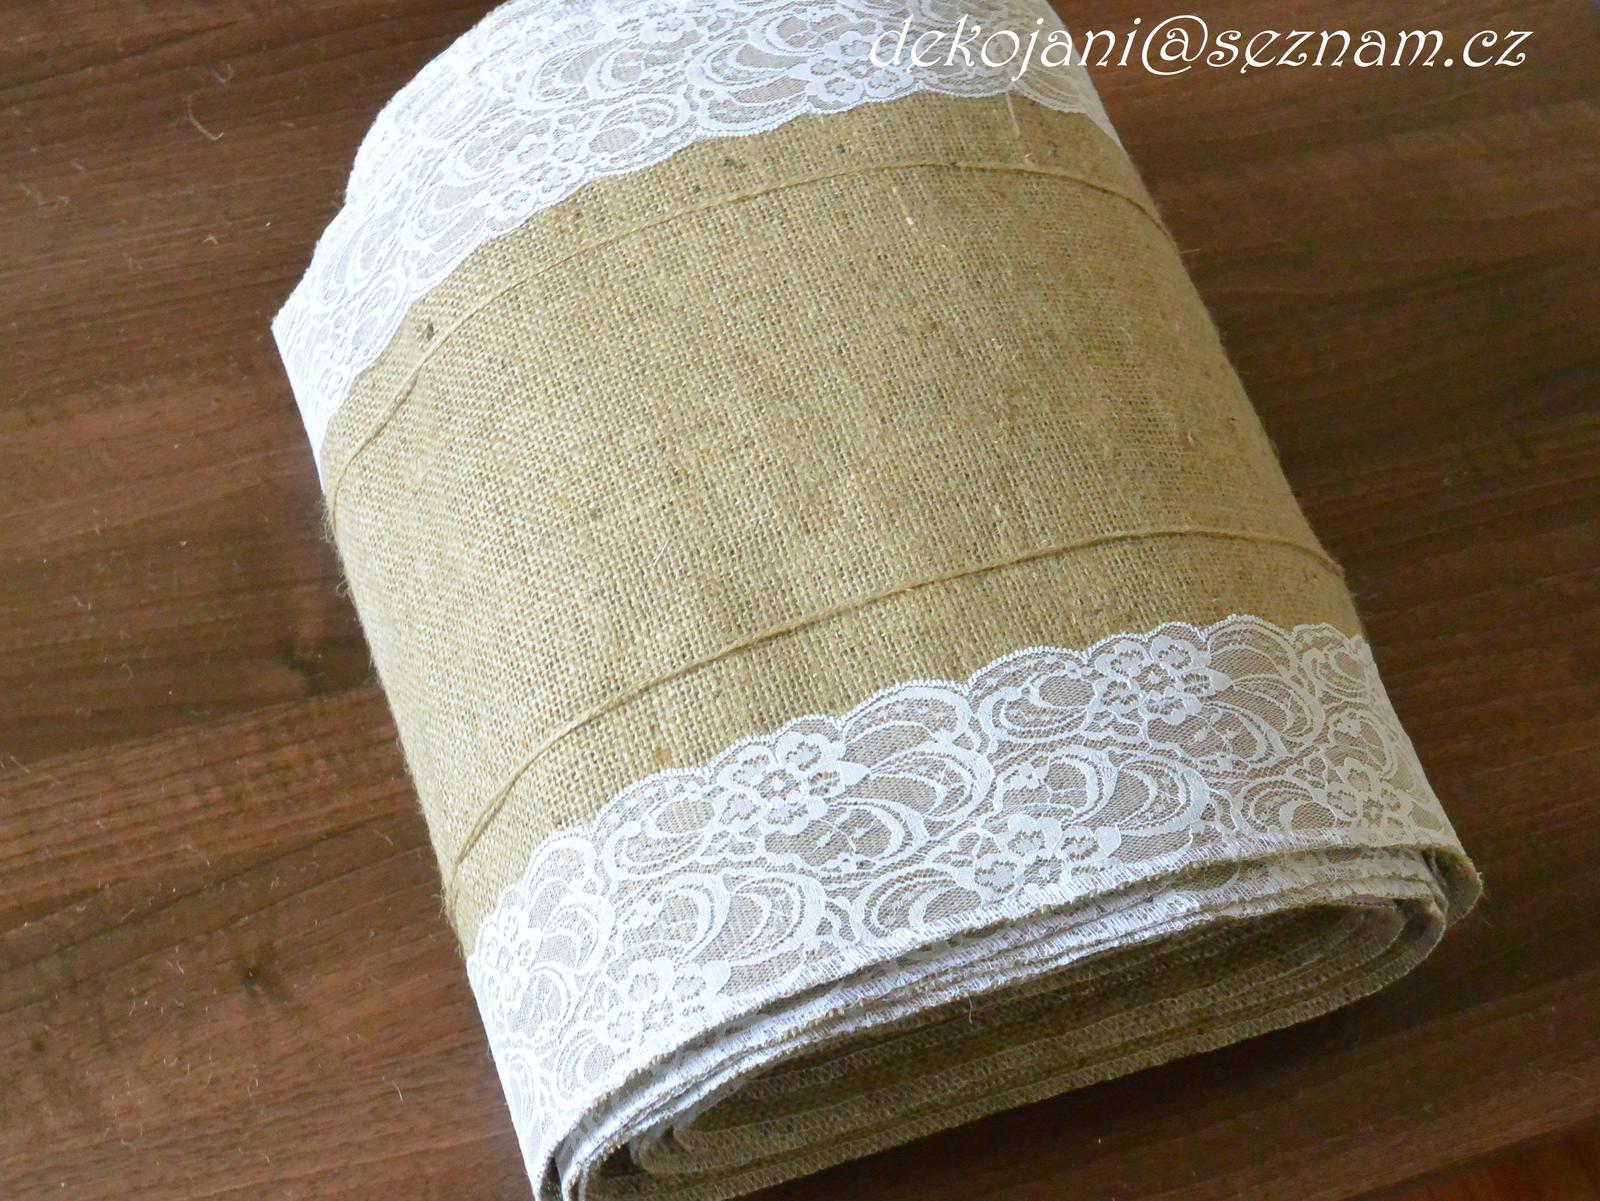 Rustikální svatební ubrus š.35cm - Obrázek č. 1